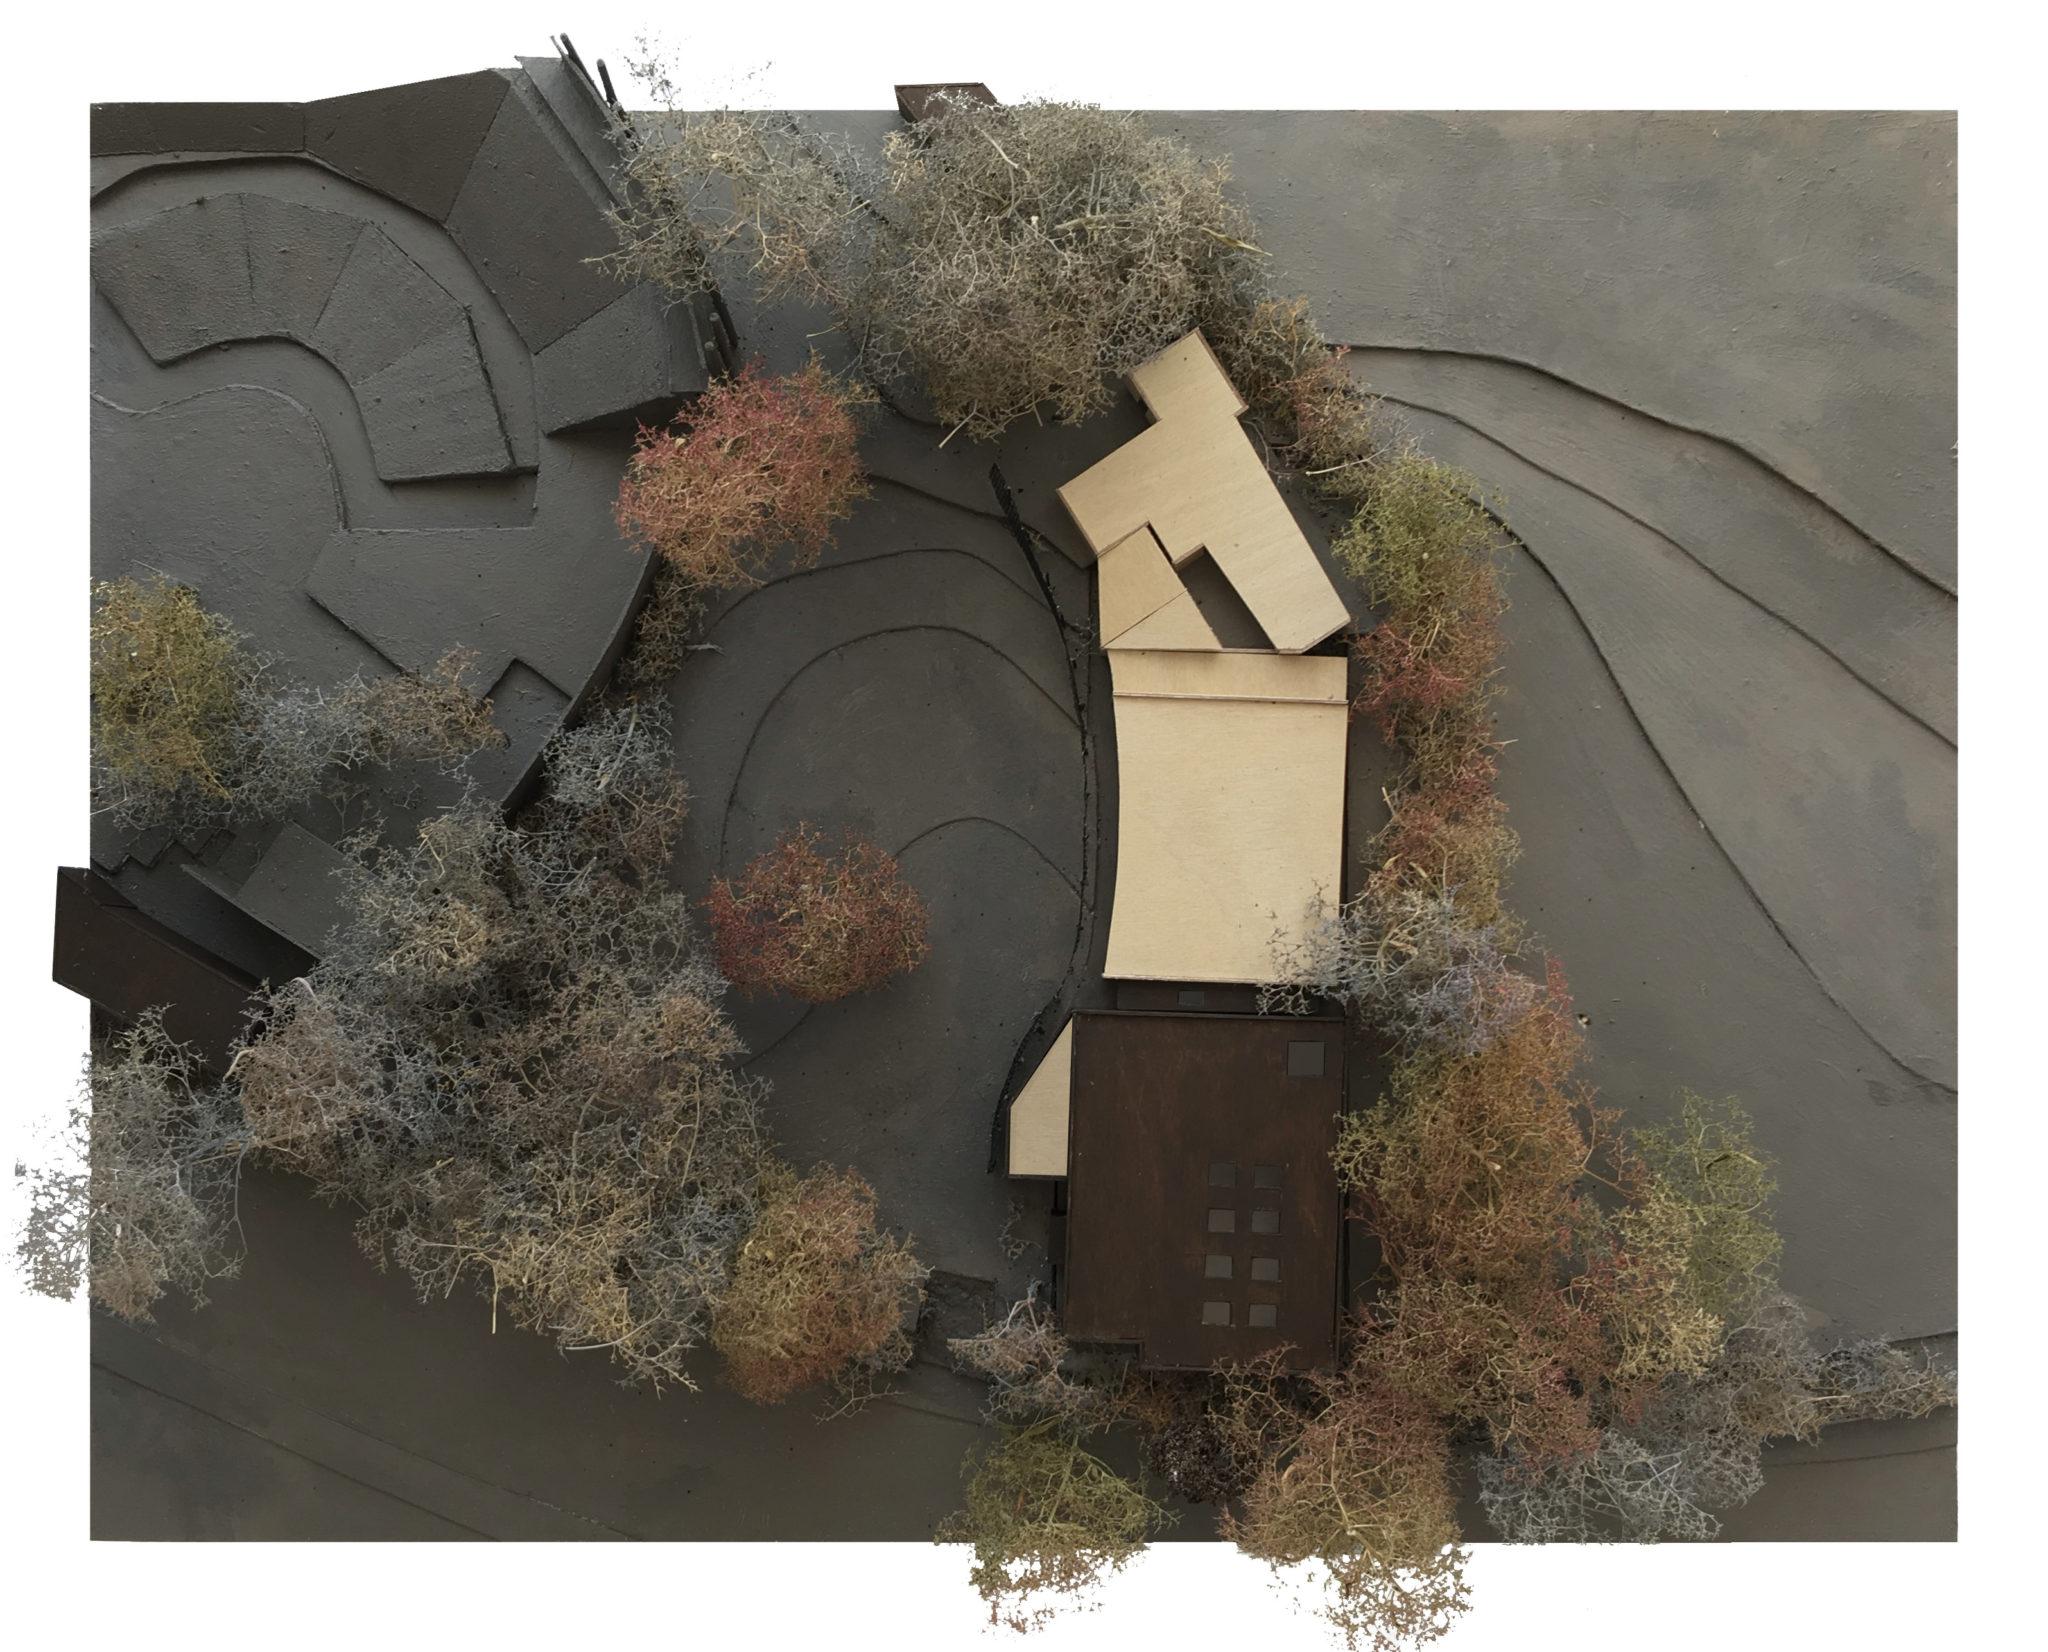 OAT Model-plan view